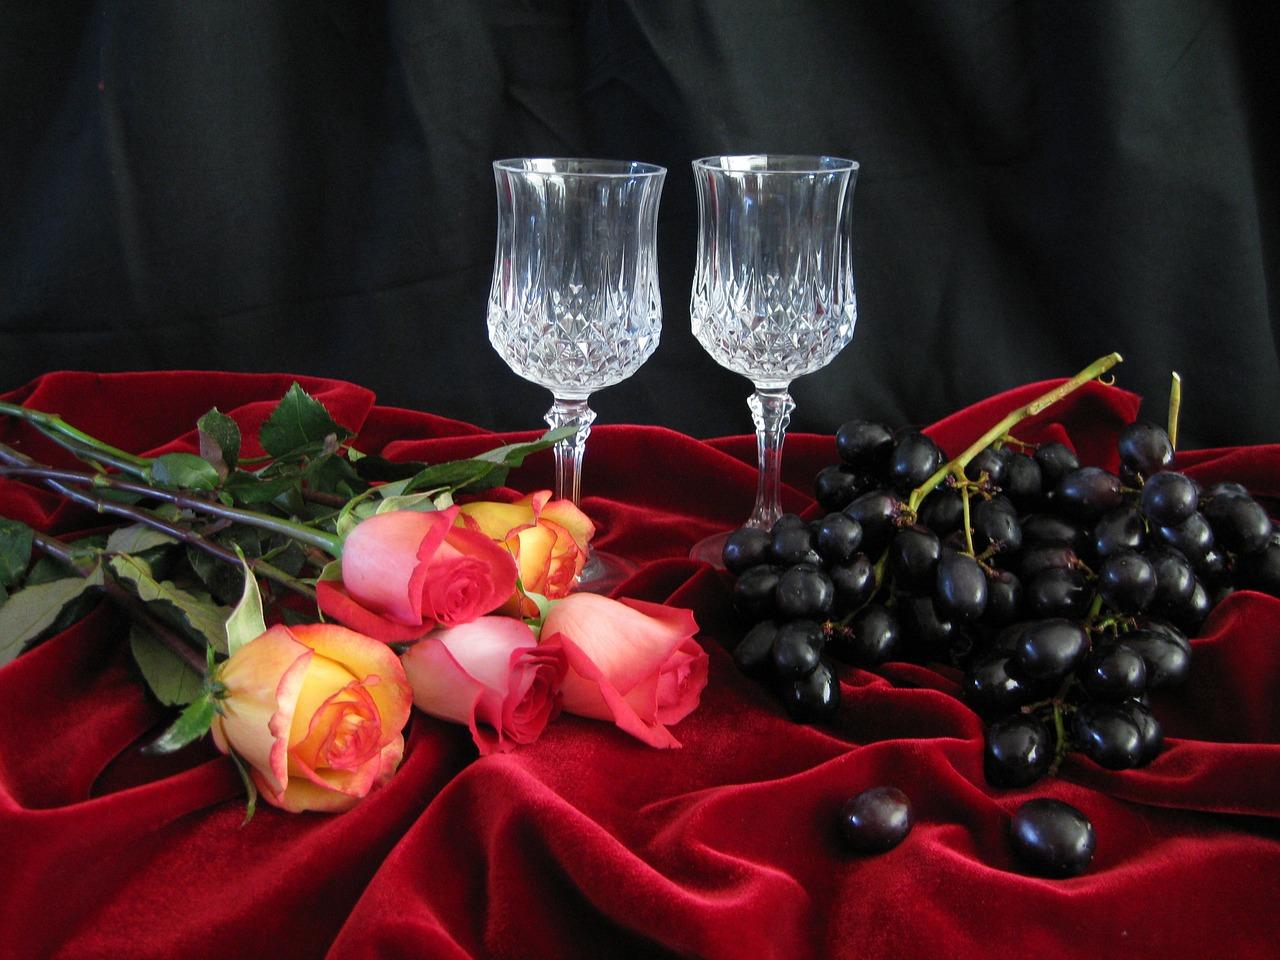 стереотип розы и шампанское фото лучше помогла